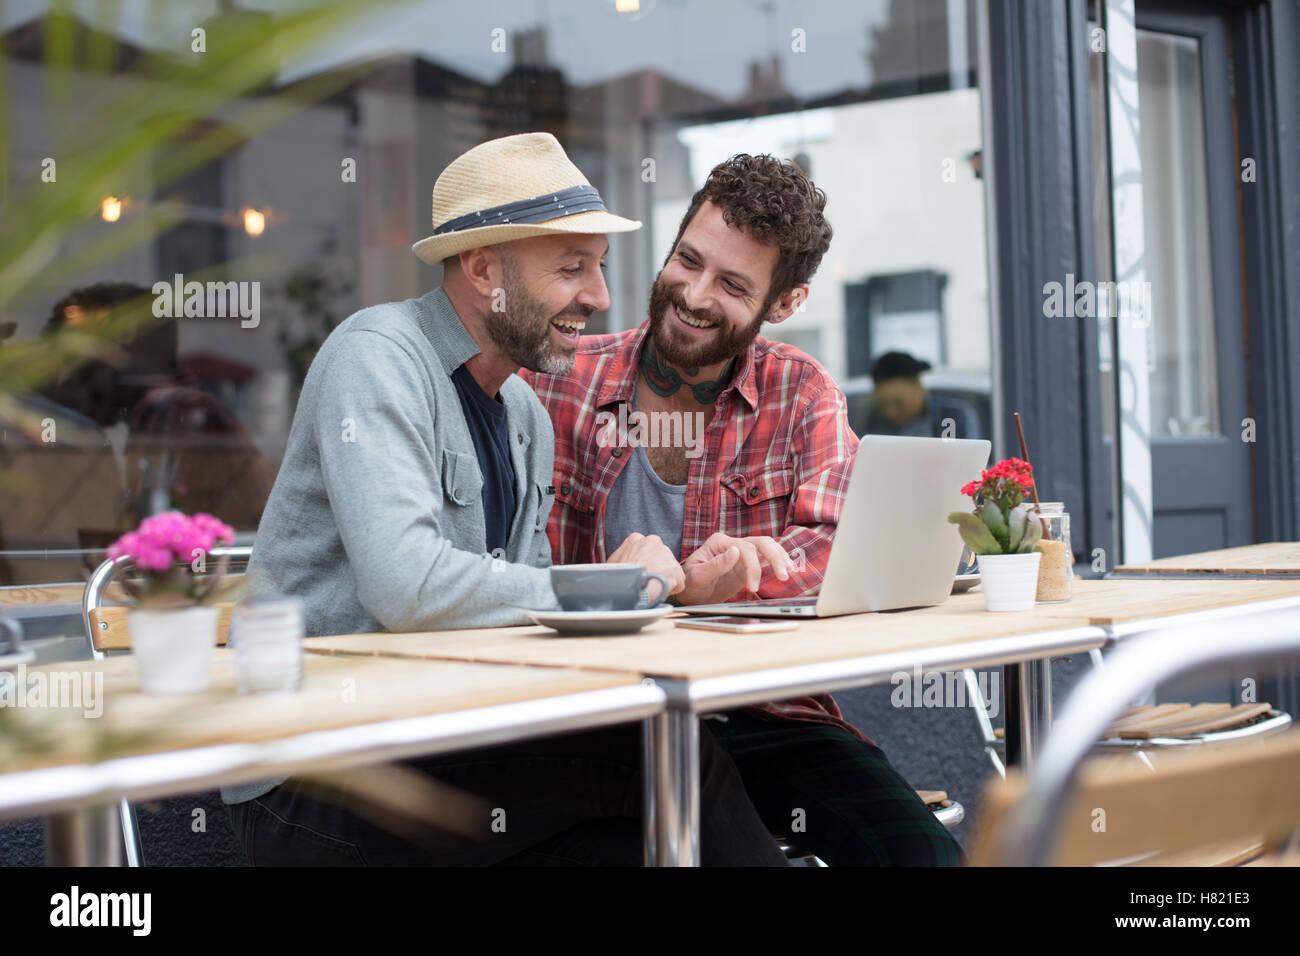 Coppia gay satellitare portatile condivisione in cafe Immagini Stock